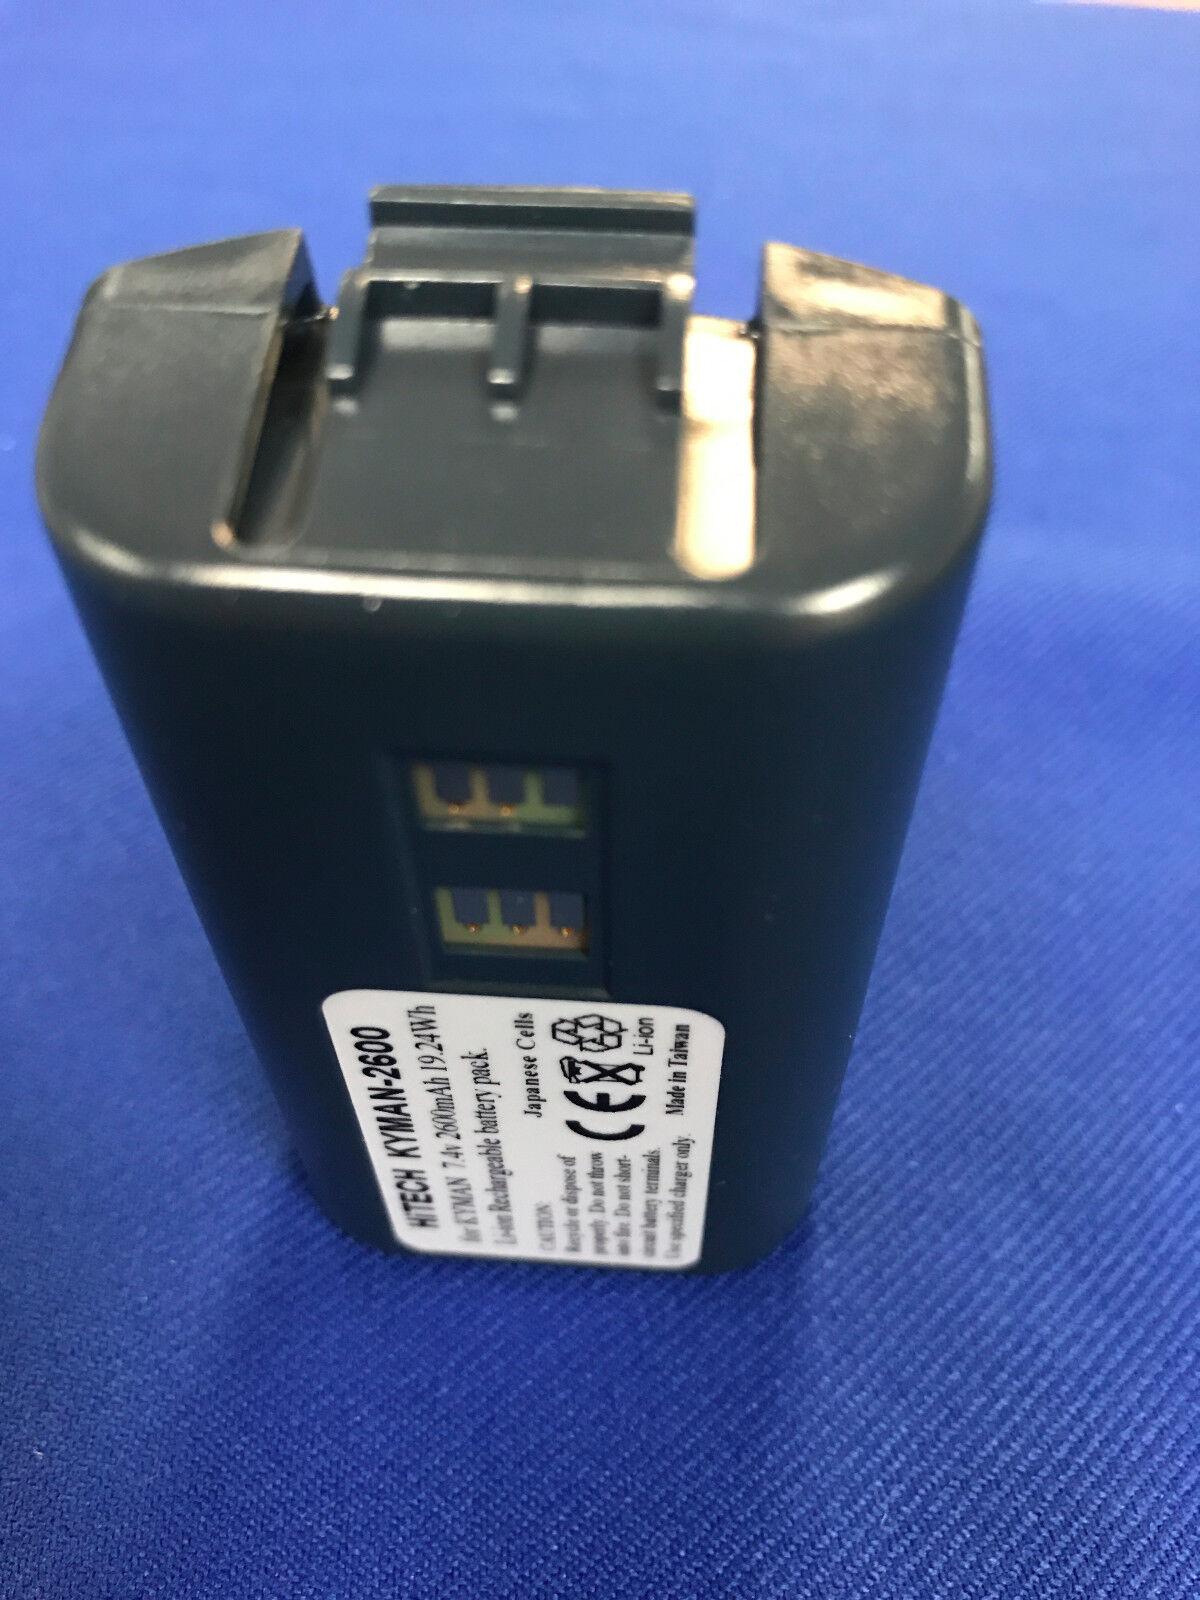 10 Batteries(Japan Li7 4v2 6A)For Datalogic/PSC/Honeywell